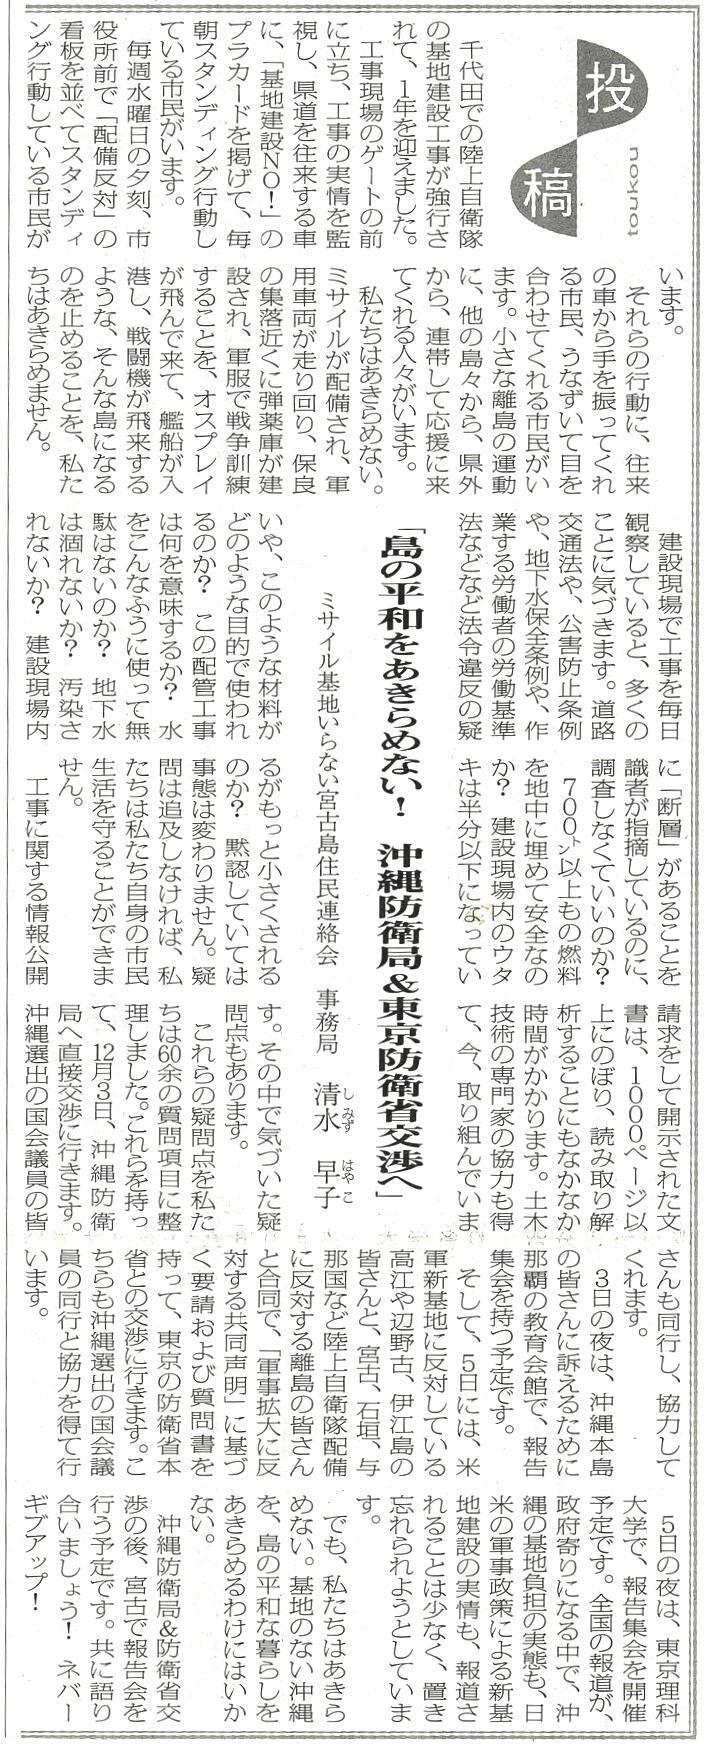 miyakomainichi2018 11292